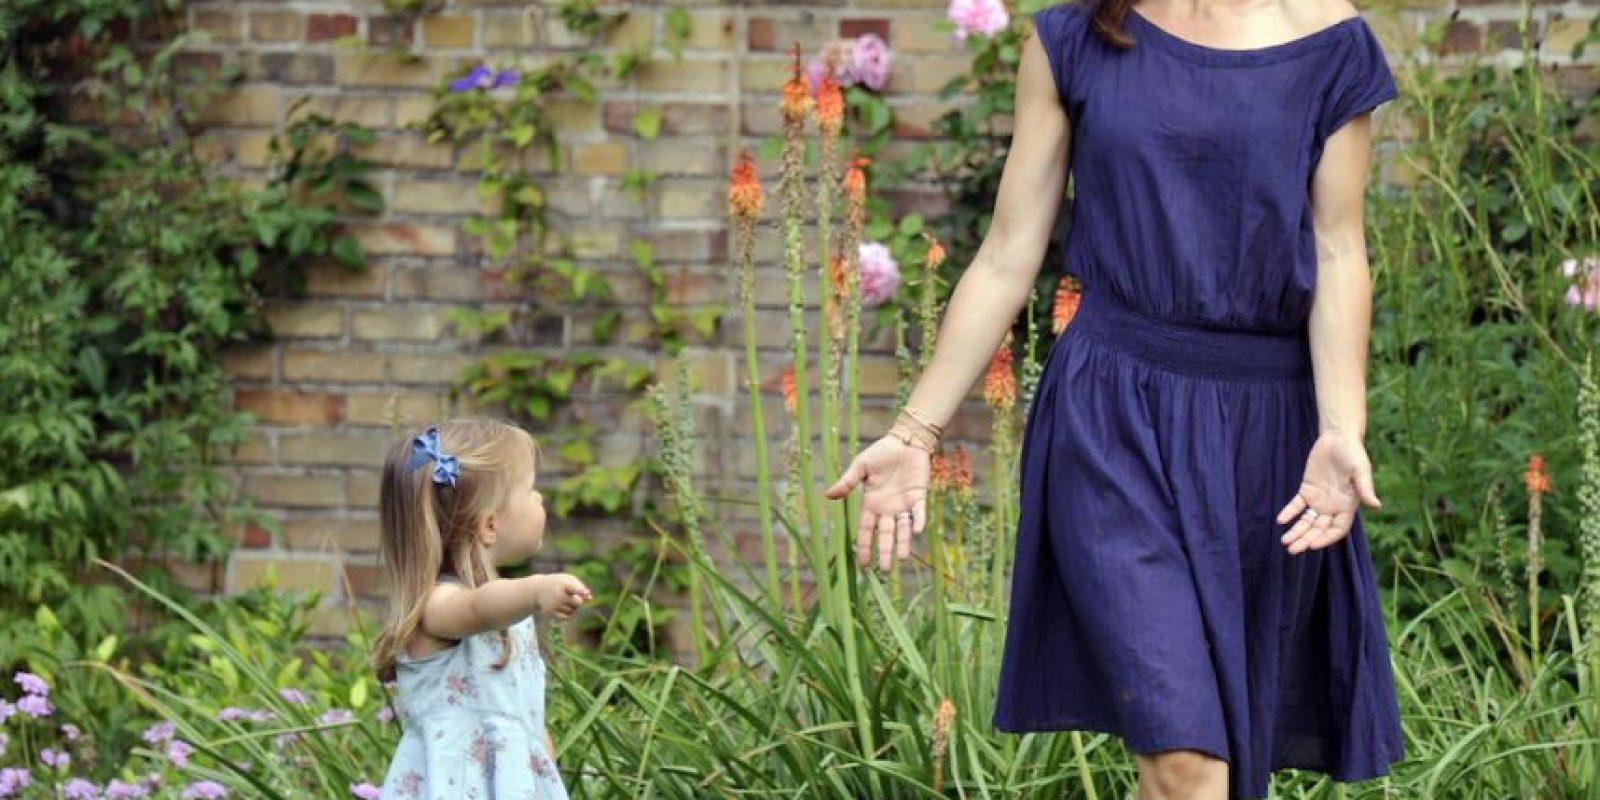 Príncipe Vincent y princesa Josephine (Dinamarca)- Los gemelos son hijos del príncipe Frederick y la princesa Mary Donaldson. Los gemelos tienen cuatro años. Foto:Getty Images